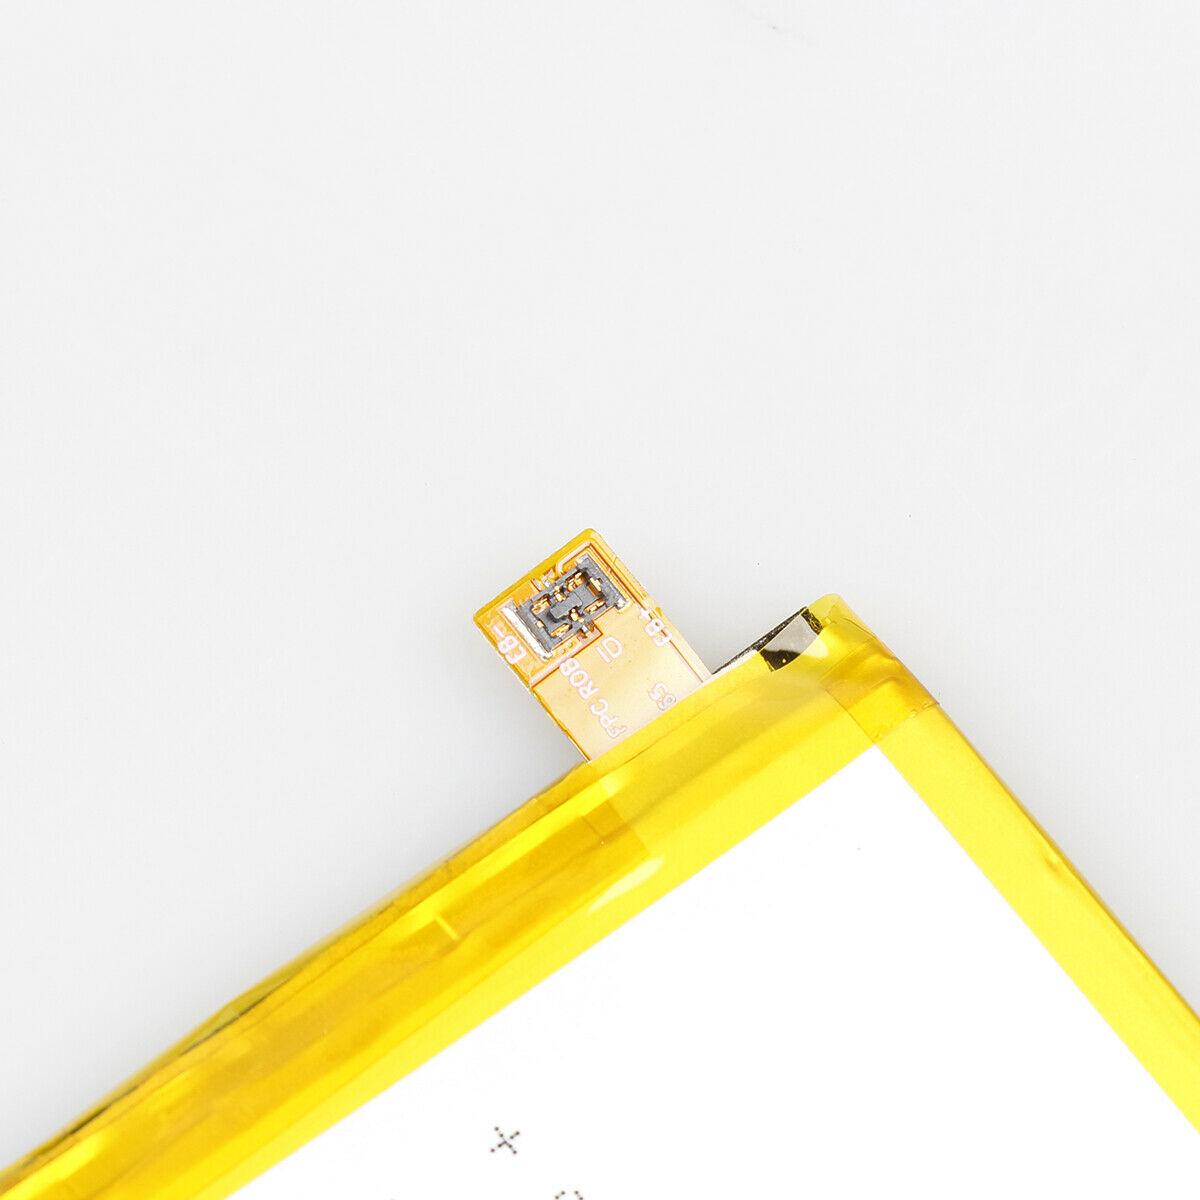 باتری-گوشی-موبایل-سونی-اکسپریا-زد-فایو-پریمیوم-Sony-Xperia-Z5-Premium-E6883-3430mAh-LIS1605ERPC.....jpg